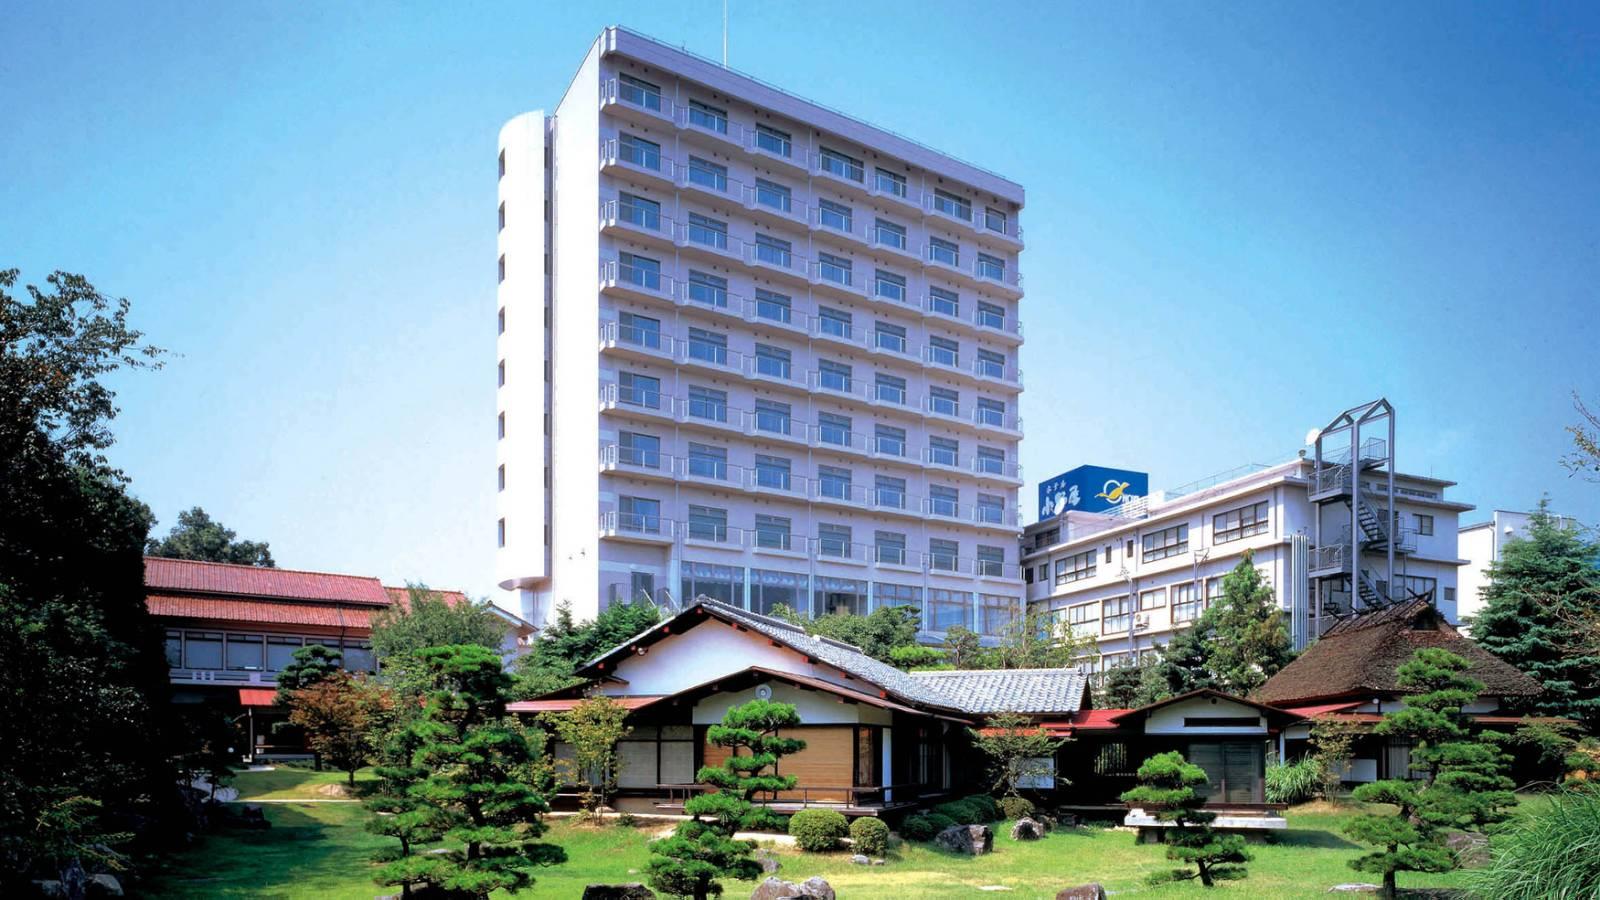 原鶴温泉 ホテルパーレンス小野屋写真